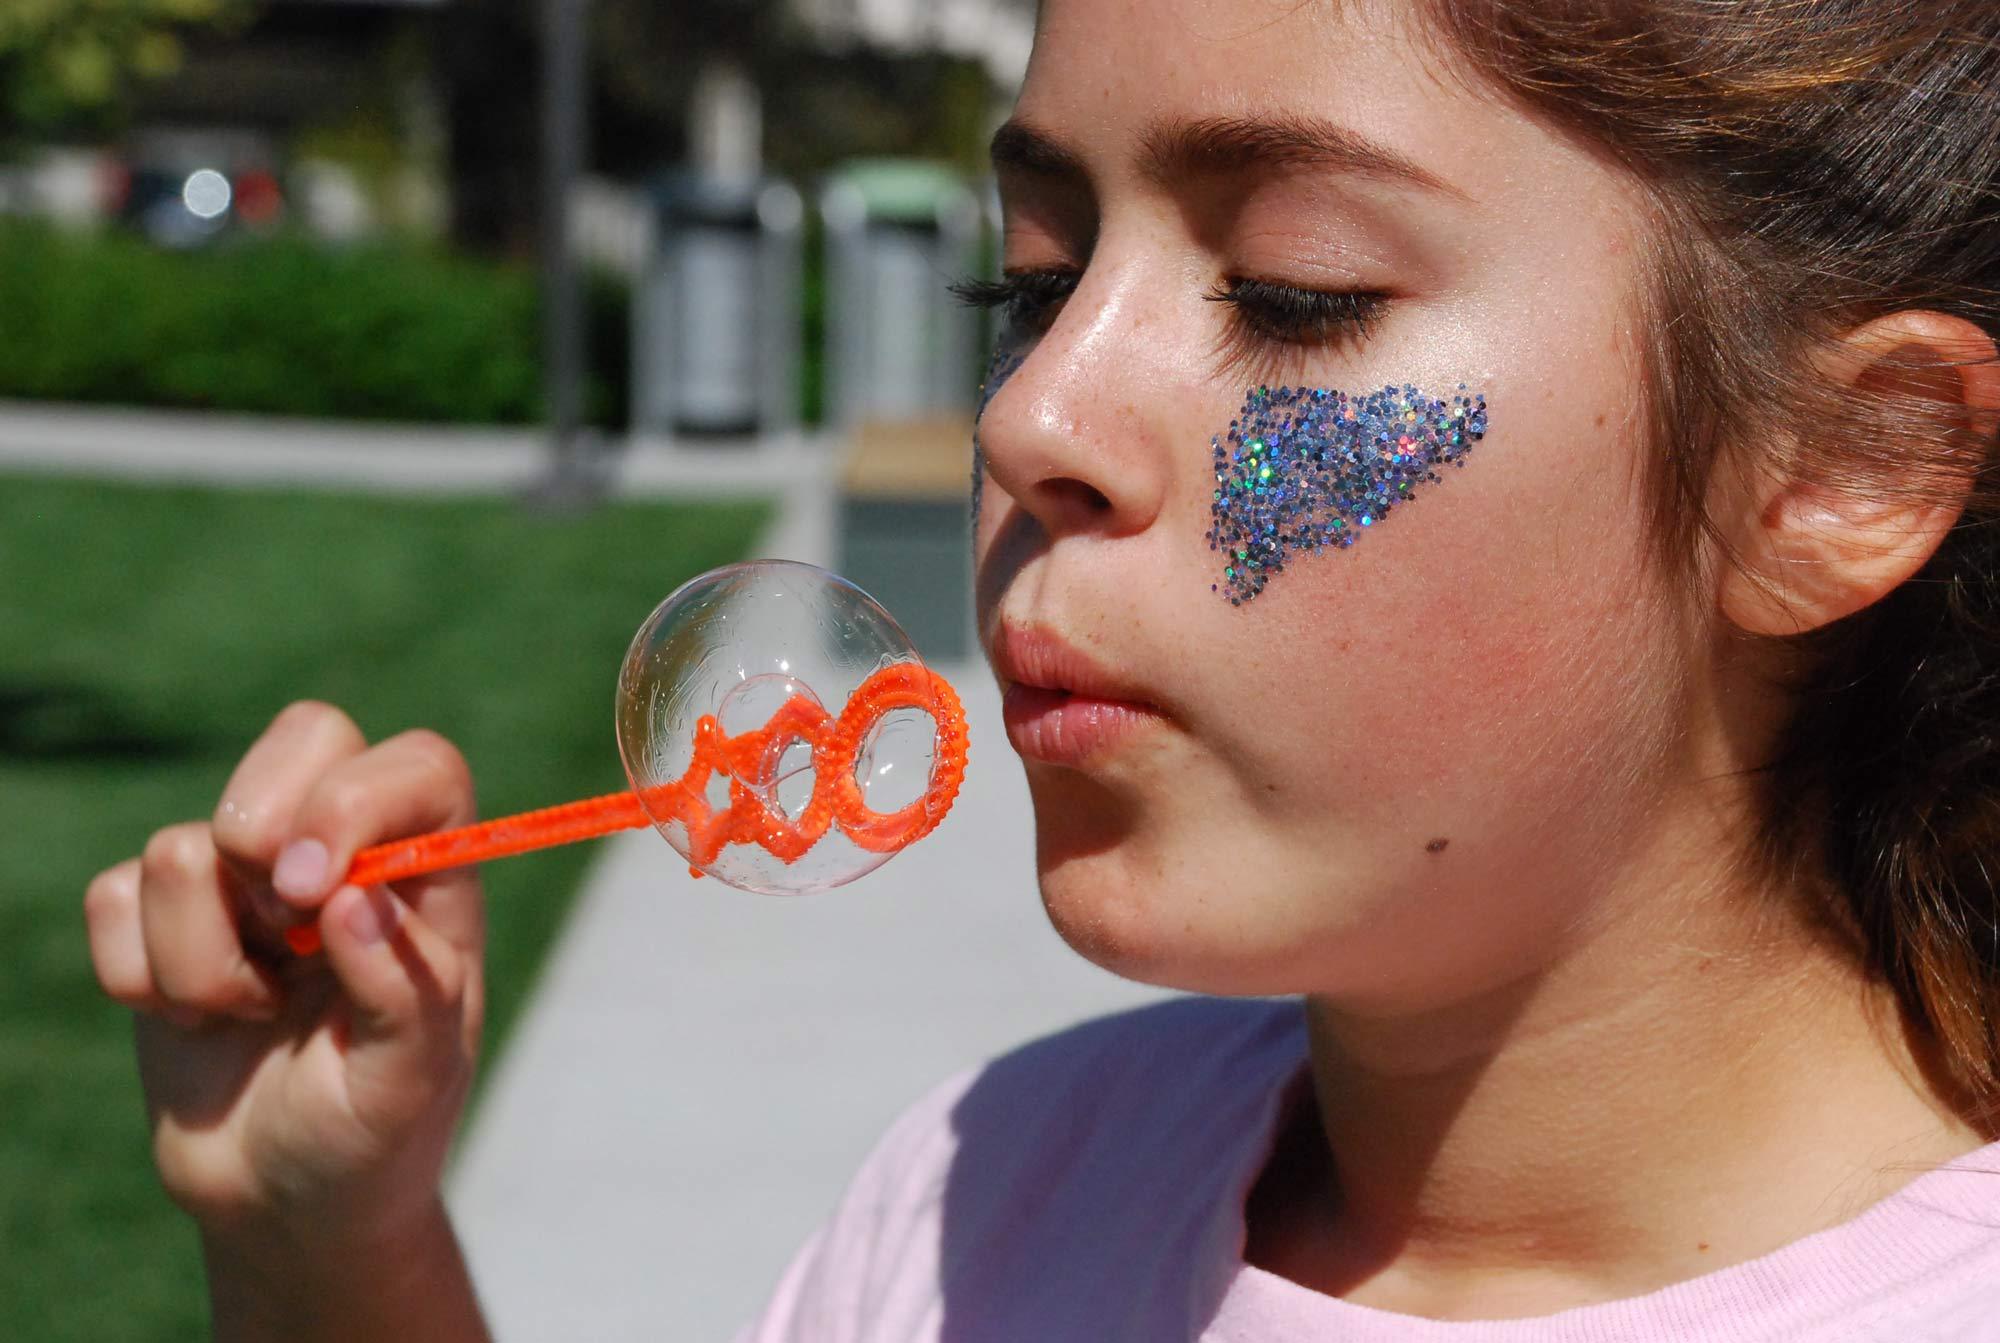 Niña soplando un juguete de hacer burbujas